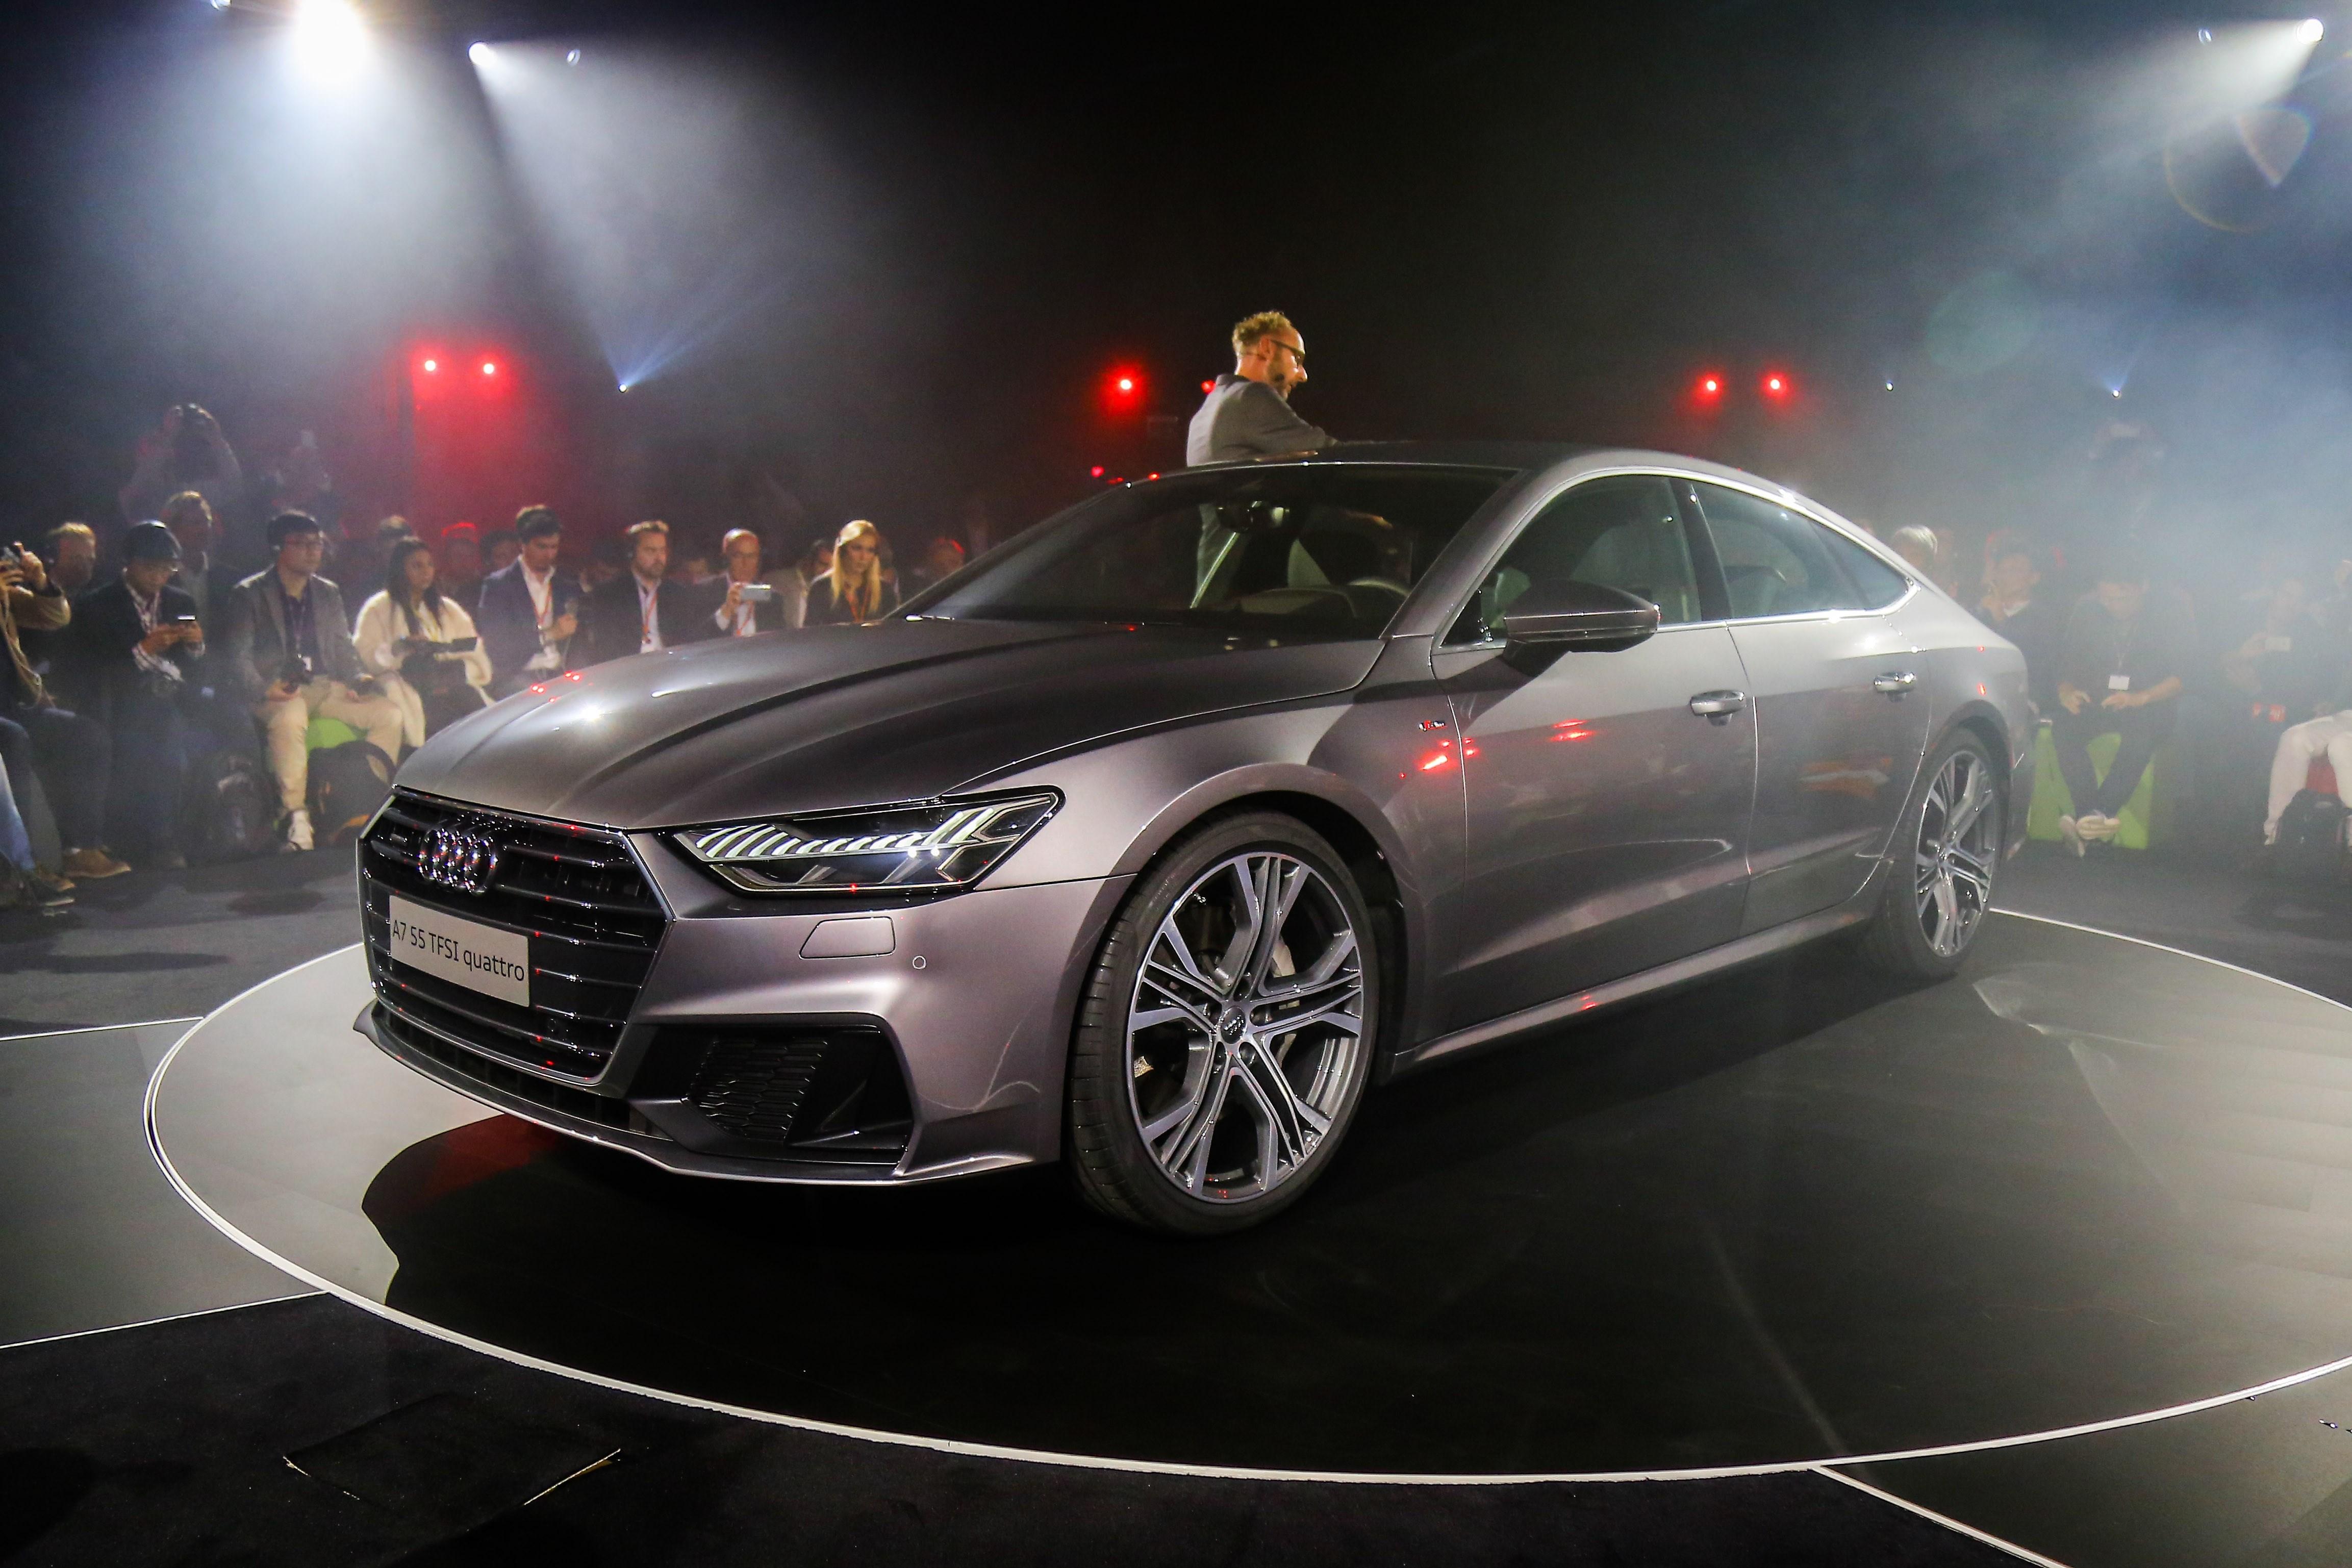 奥迪全新一代A7发布 延续经典造型/科技感爆棚